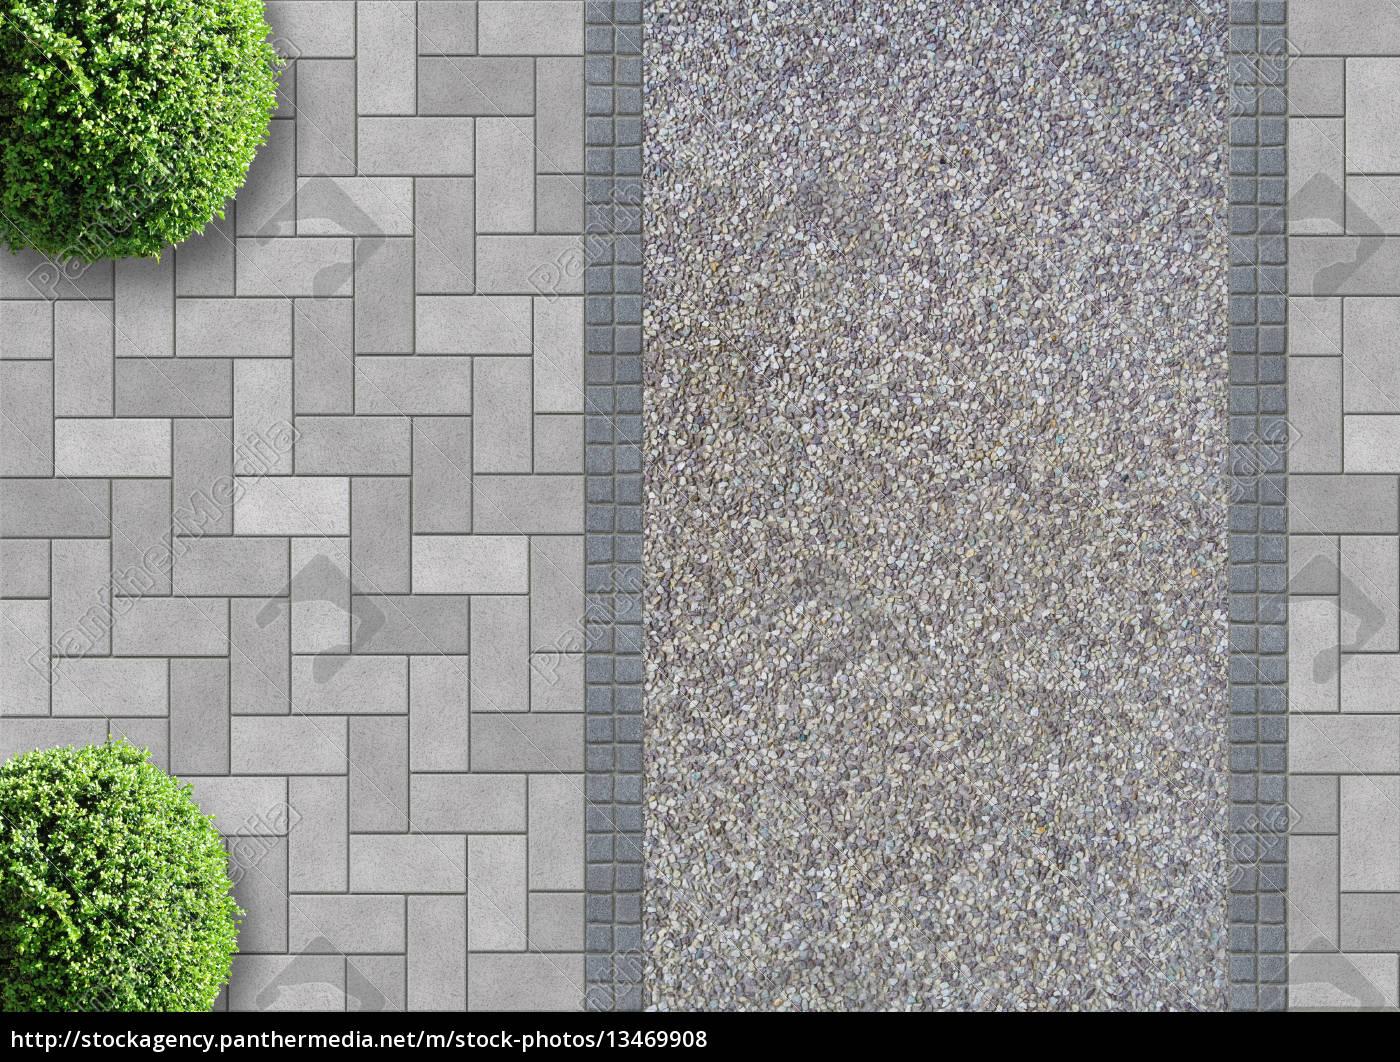 pflastersteine mit kiesweg und buchsbäumen von oben - lizenzfreies